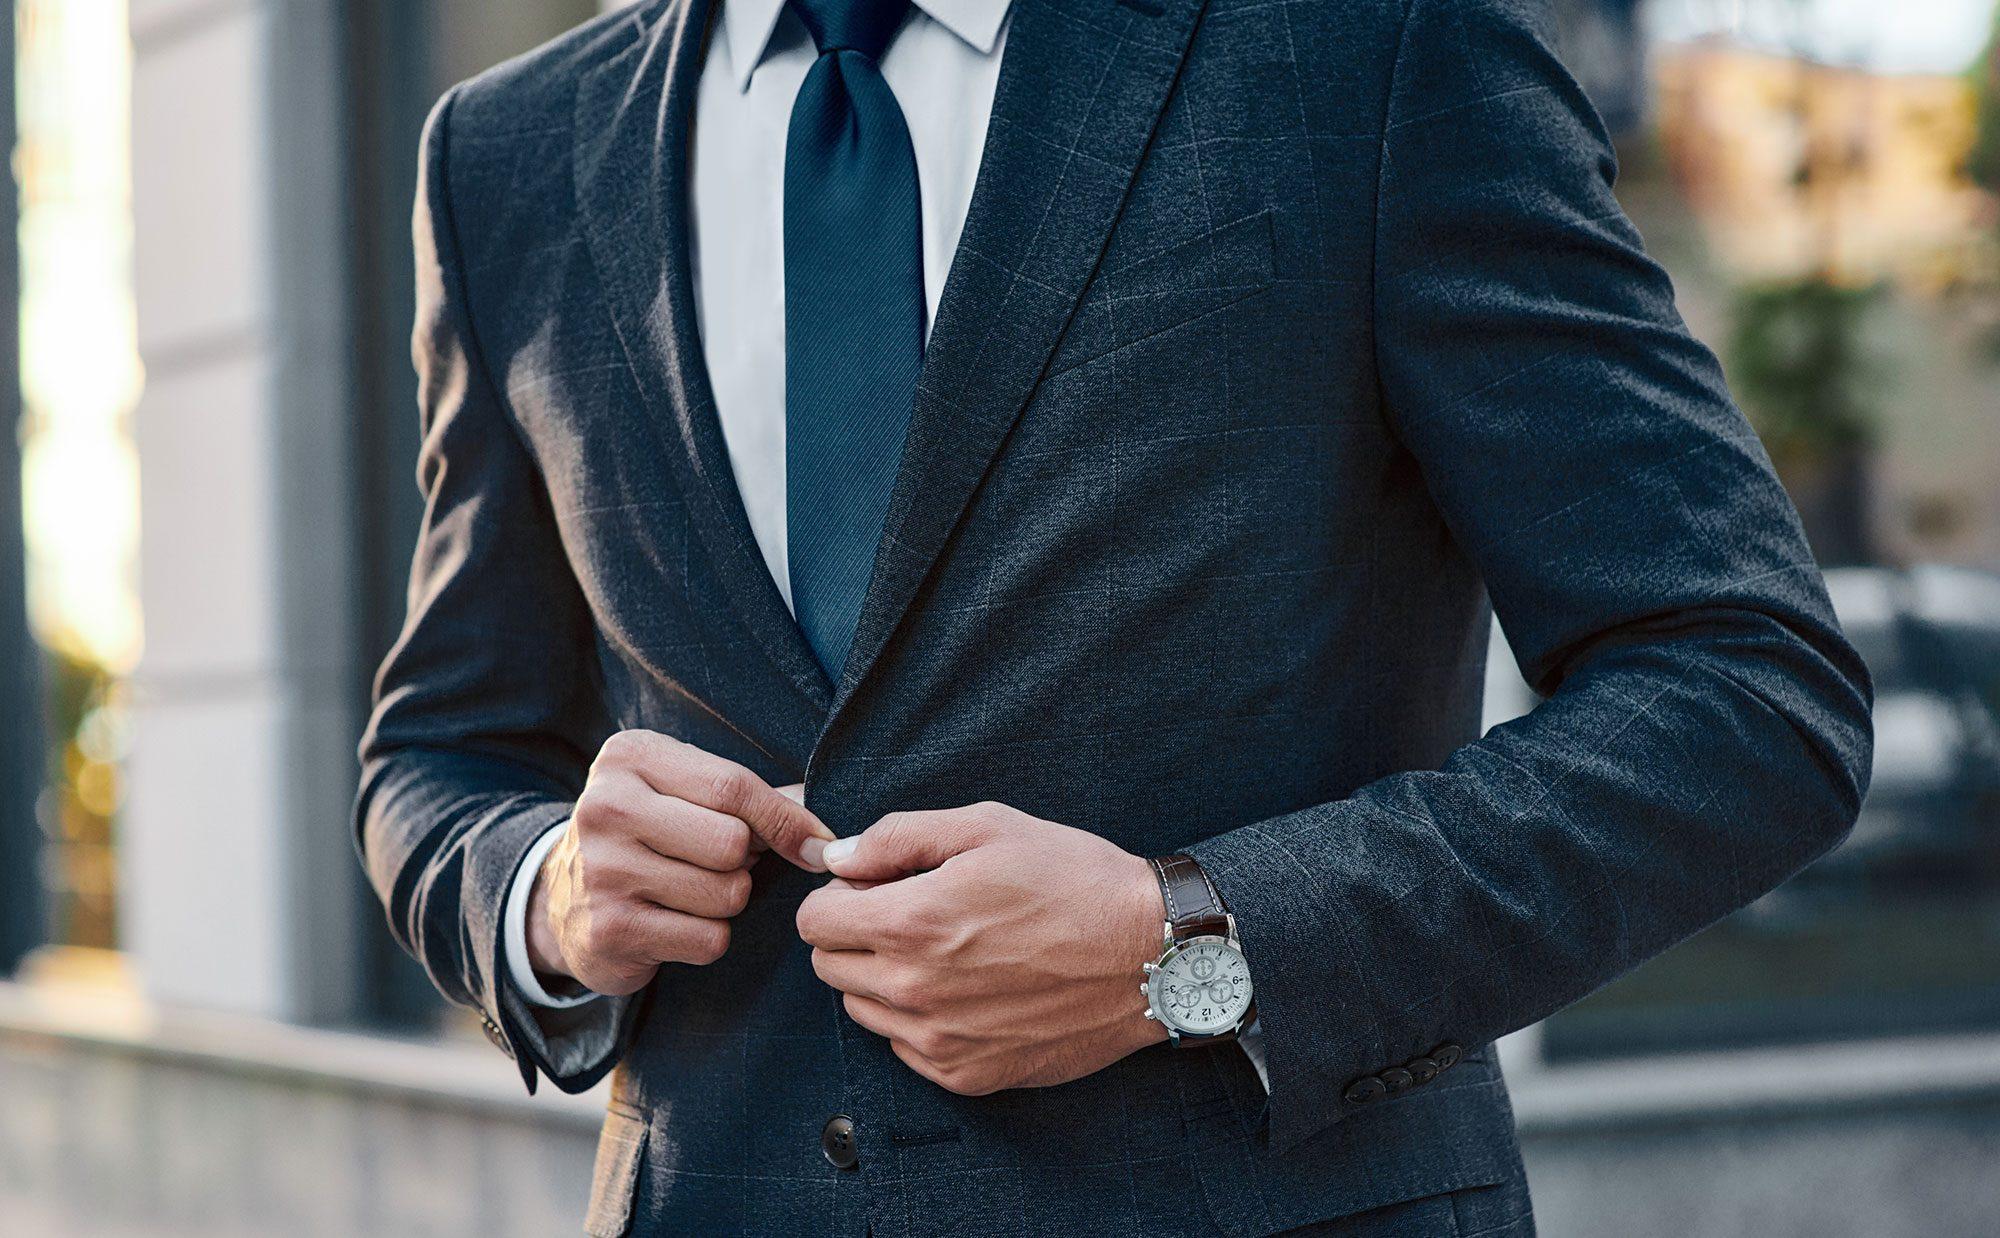 ホームズ】大人スーツの着こなし術 おしゃれなビジネスマンの暮らし ...